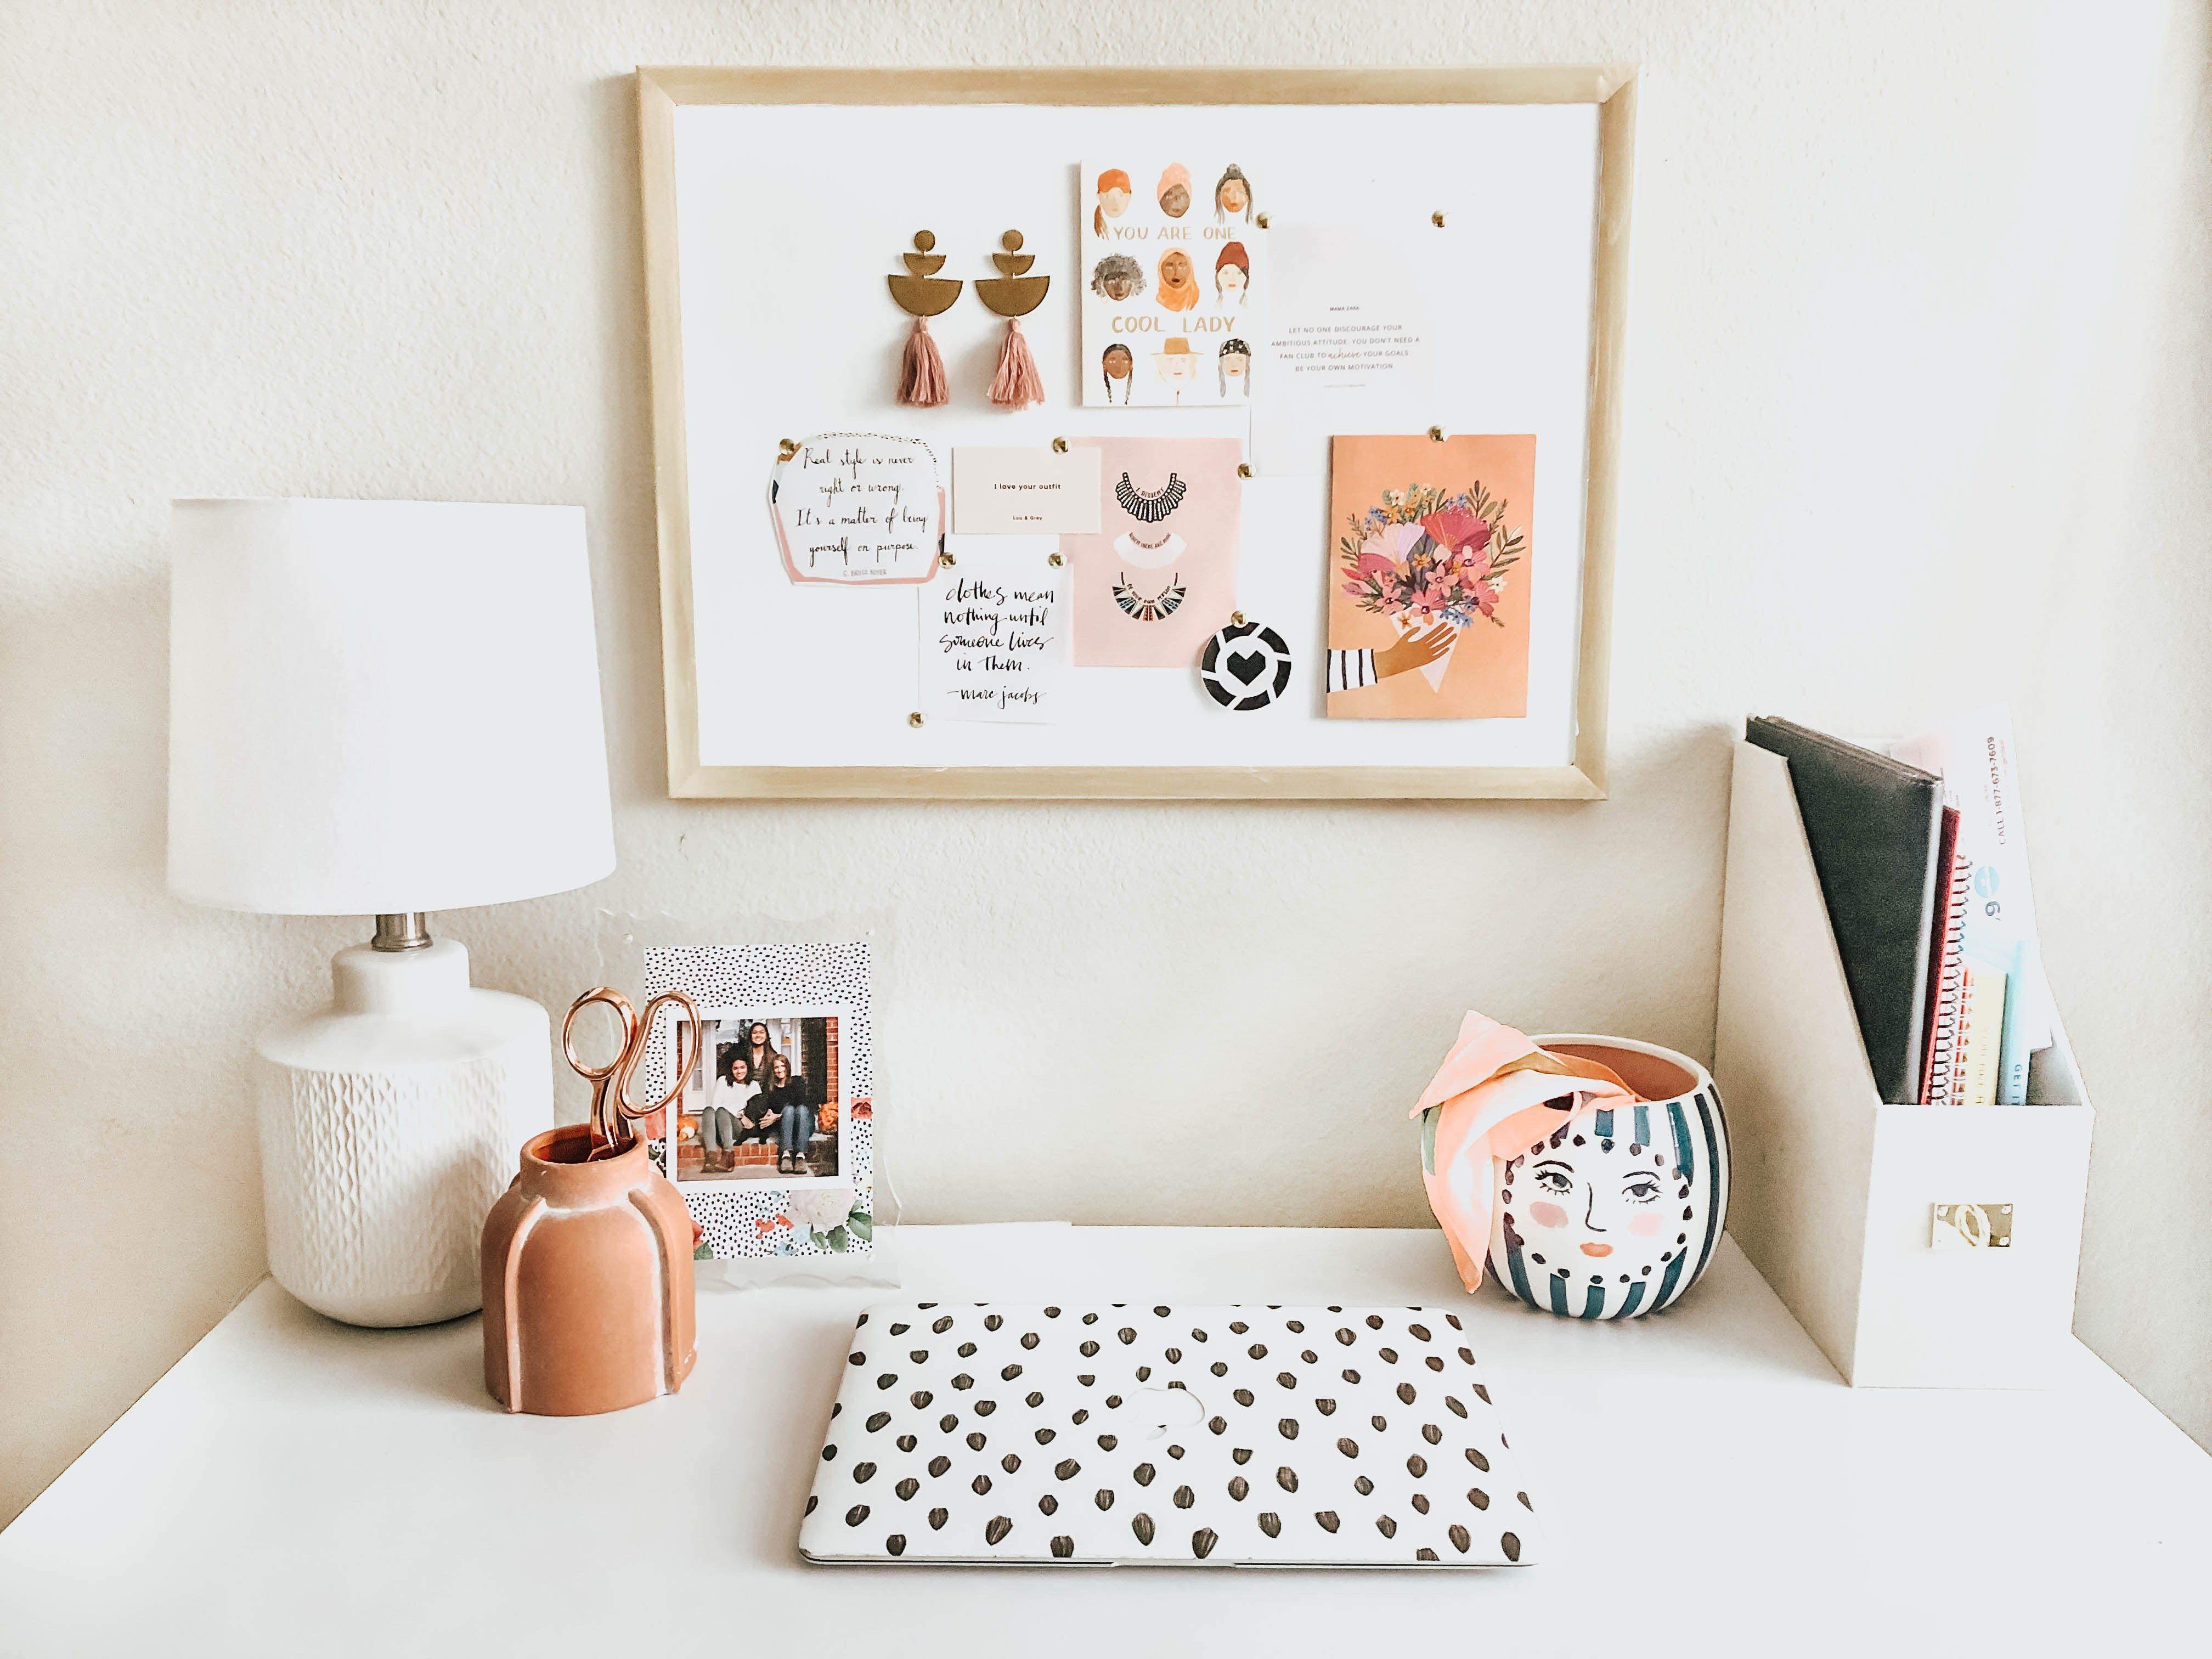 Easy Diy Gold Framed Cork Board Under 15 Sequins And Sales Diy Crafts For Bedroom Cork Board Ideas For Bedroom Diy Home Decor Easy